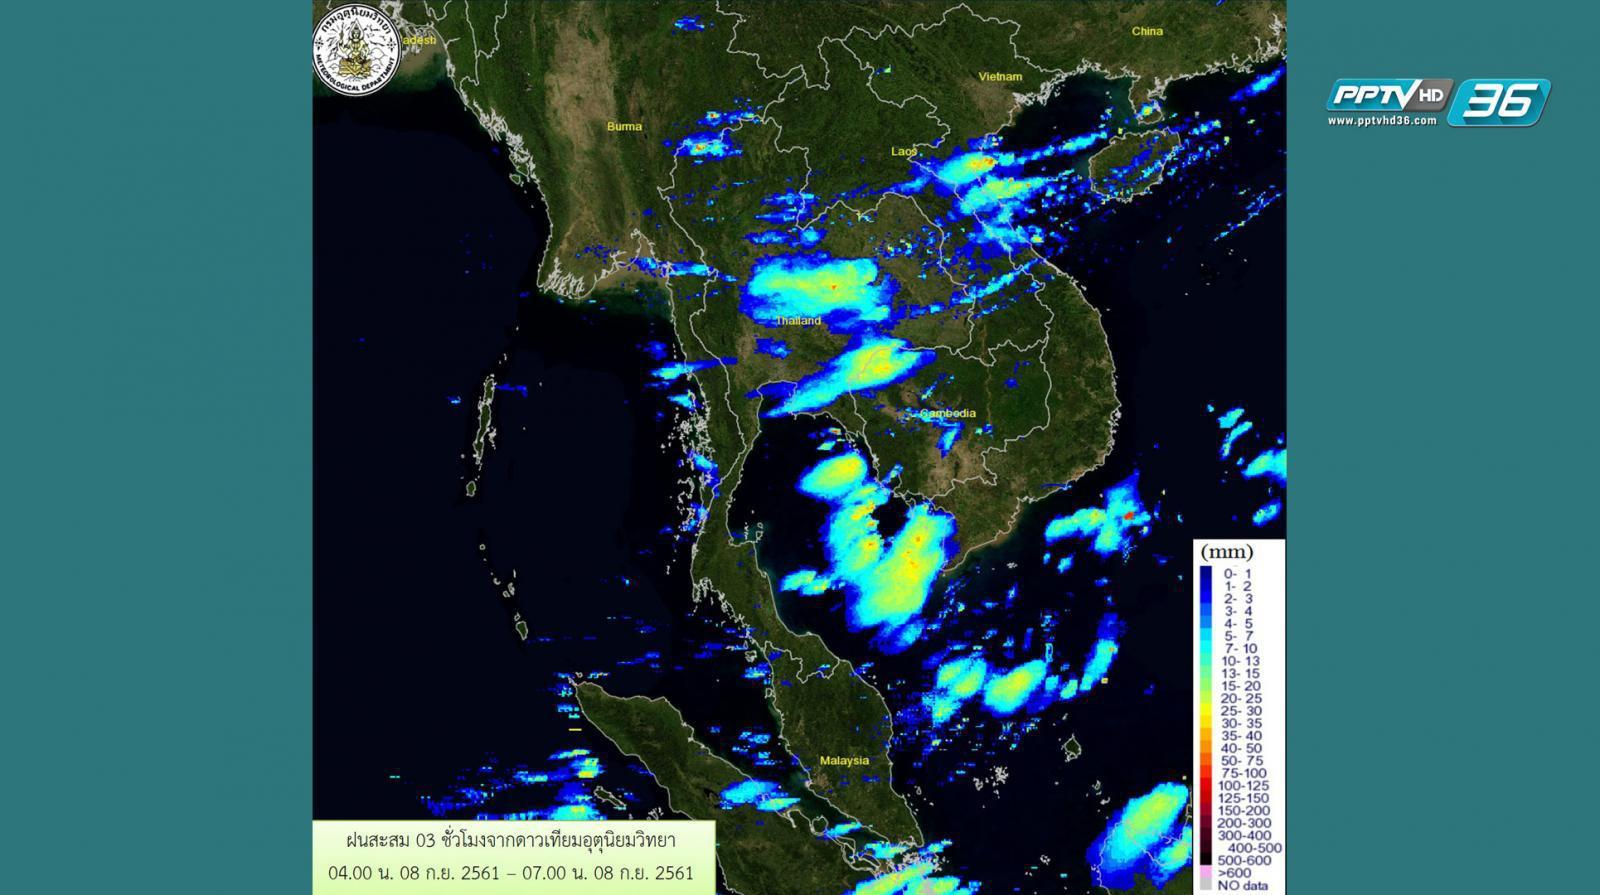 อุตุฯ เผย ไทยฝนตกหนัก 8-10 ก.ย.นี้ เตือนปชช.ระวังน้ำท่วม-น้ำป่าไหลหลาก-ดินโคลนถล่ม